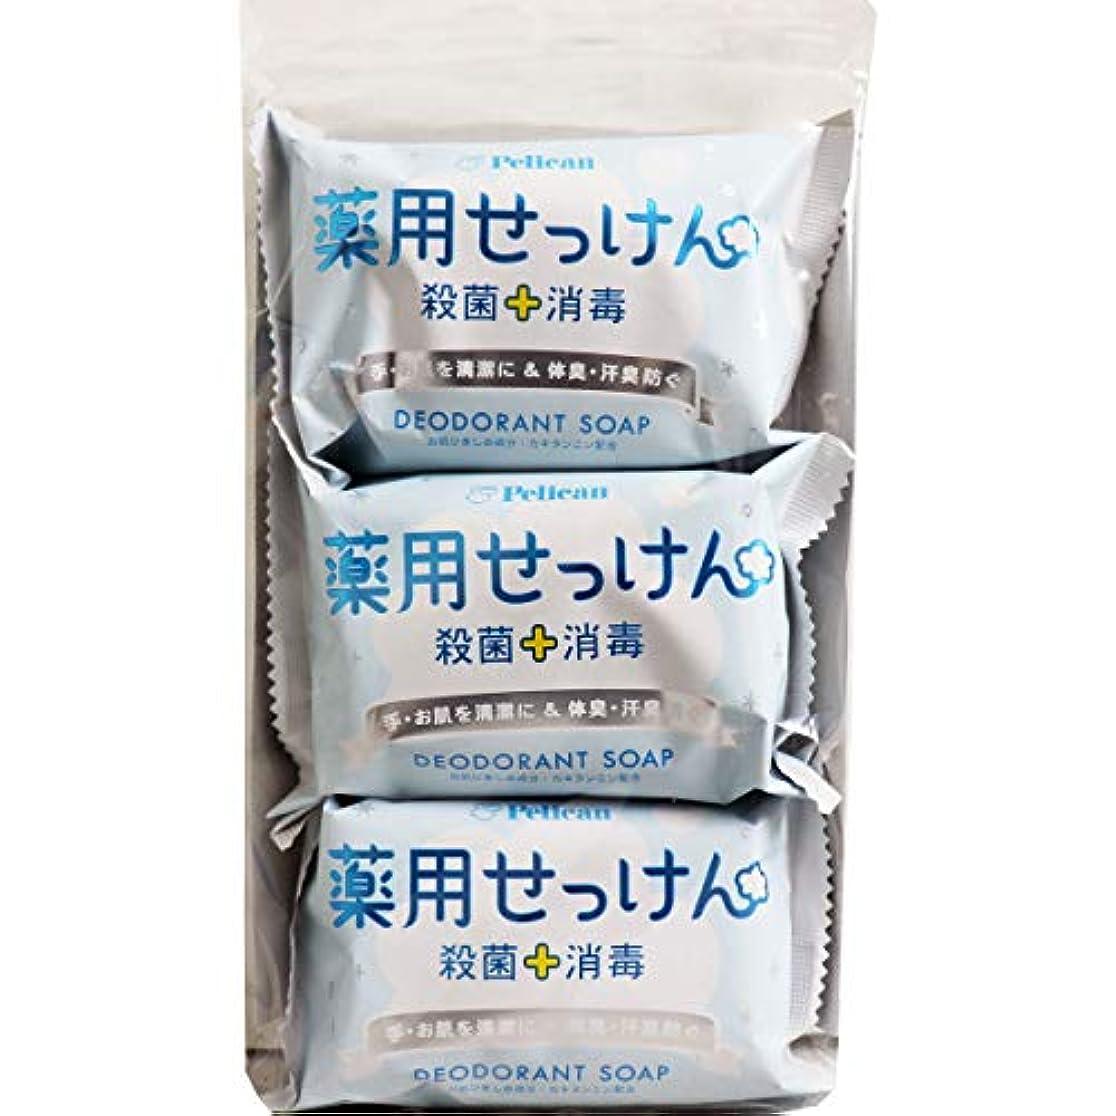 女王グローブパケットペリカン石鹸 薬用石けん 85g×3個×4パック